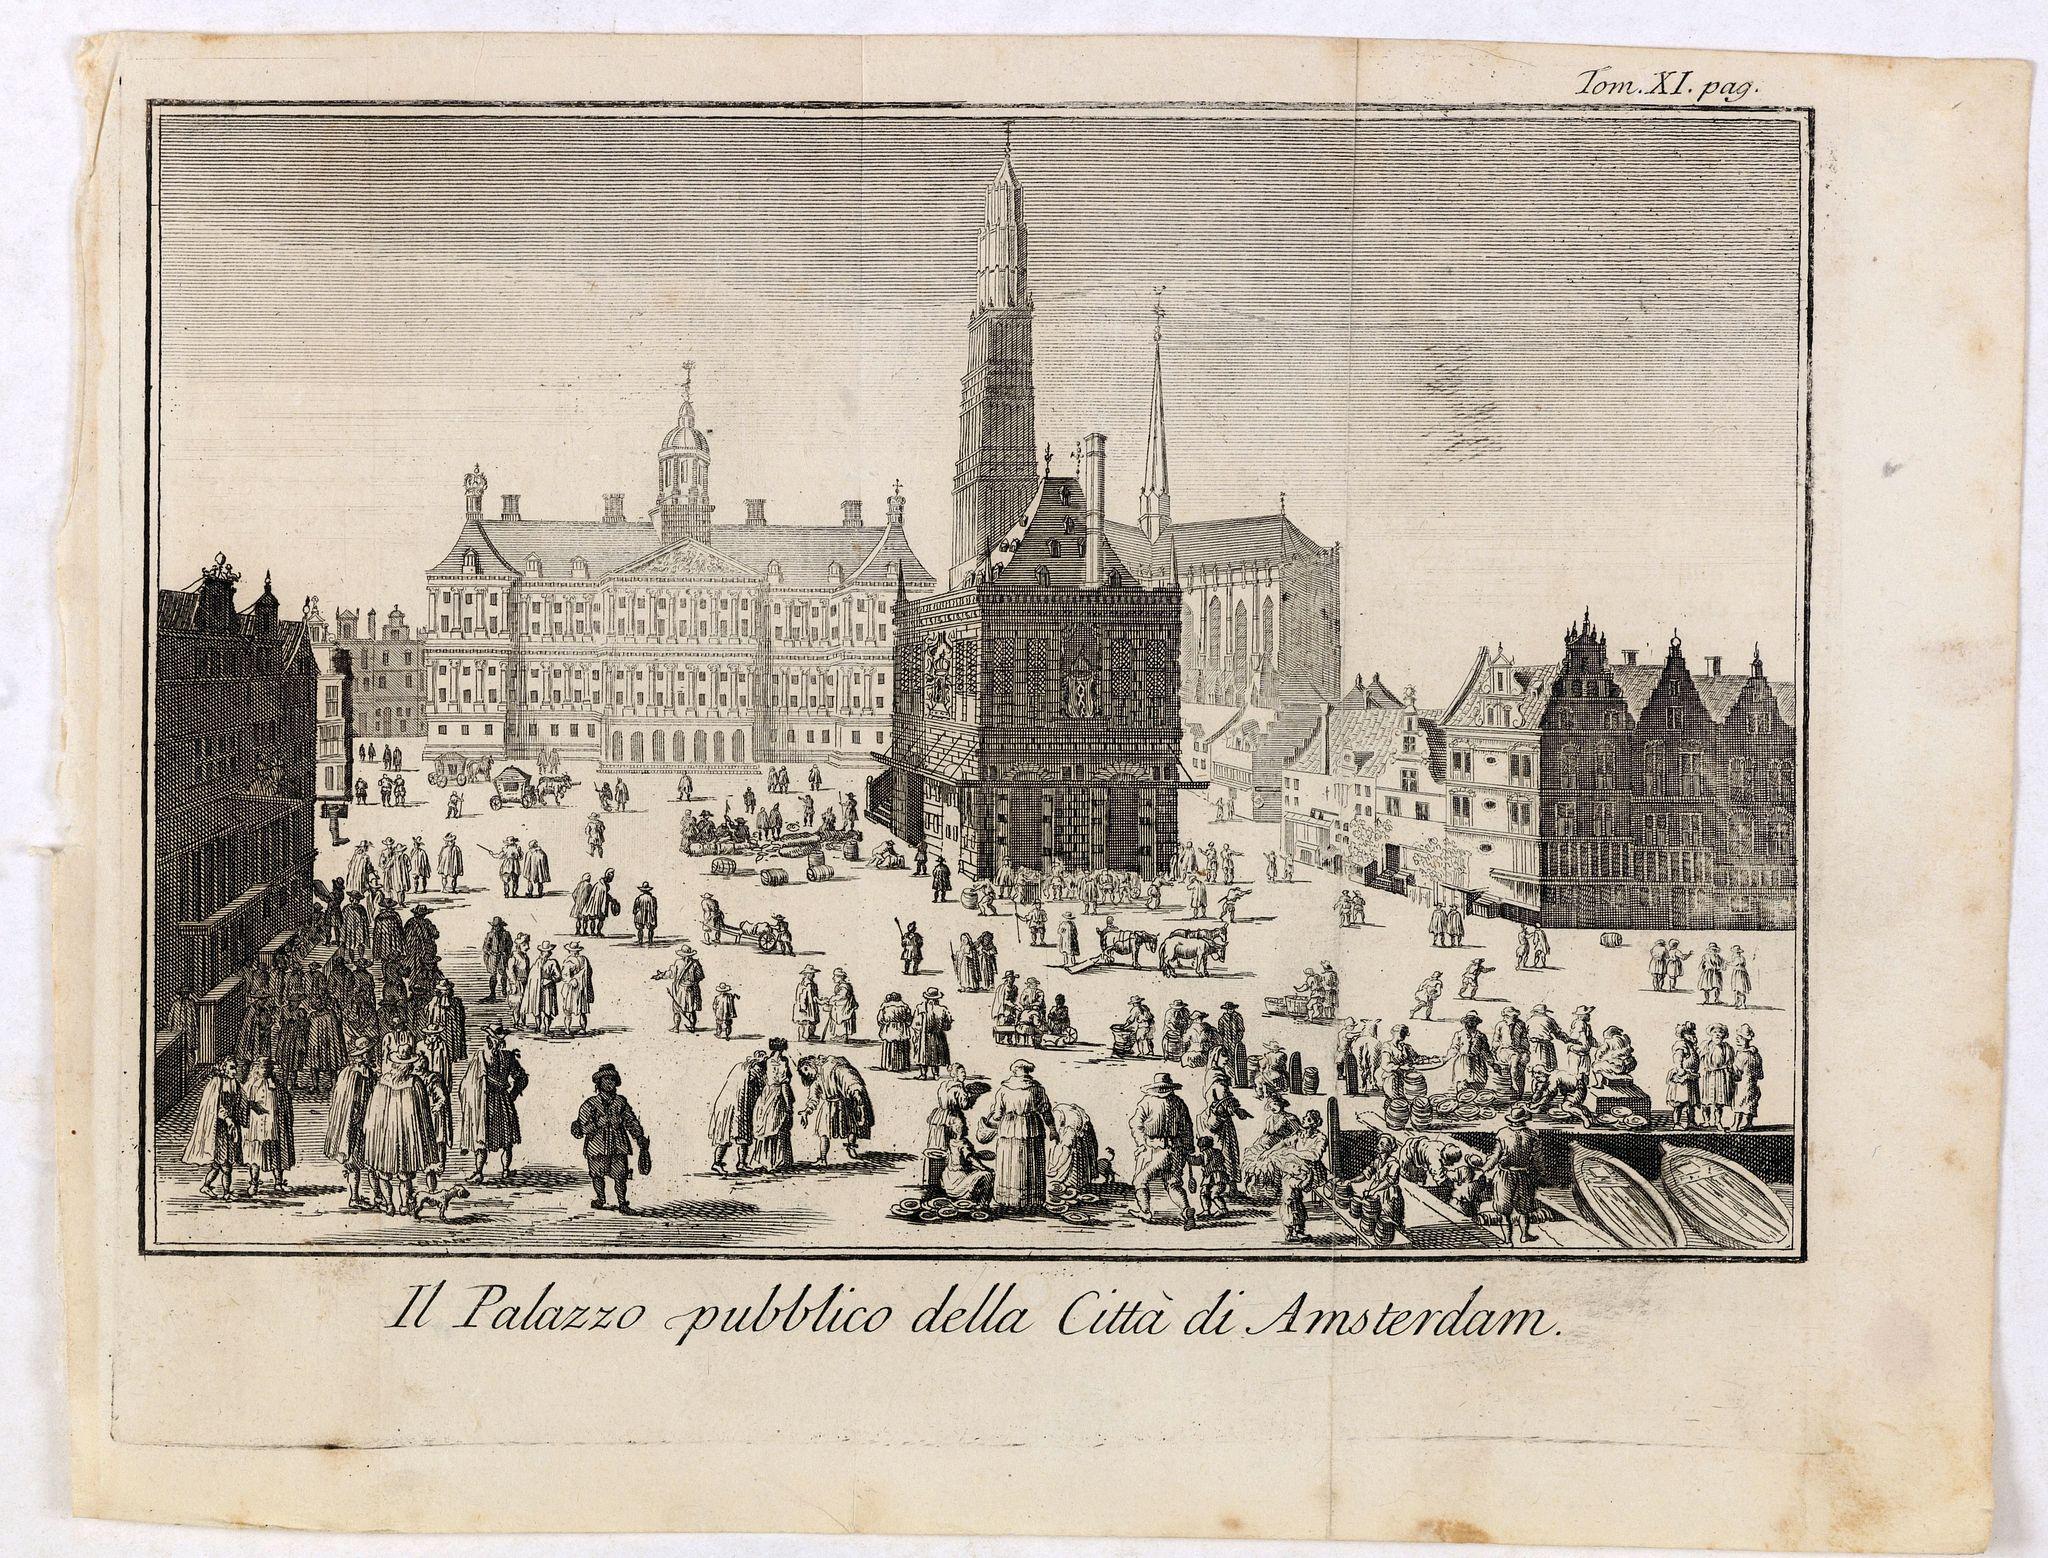 ALBRIZZI, G. -  Il Palazzo pubblico della Citta di Amsterdam.